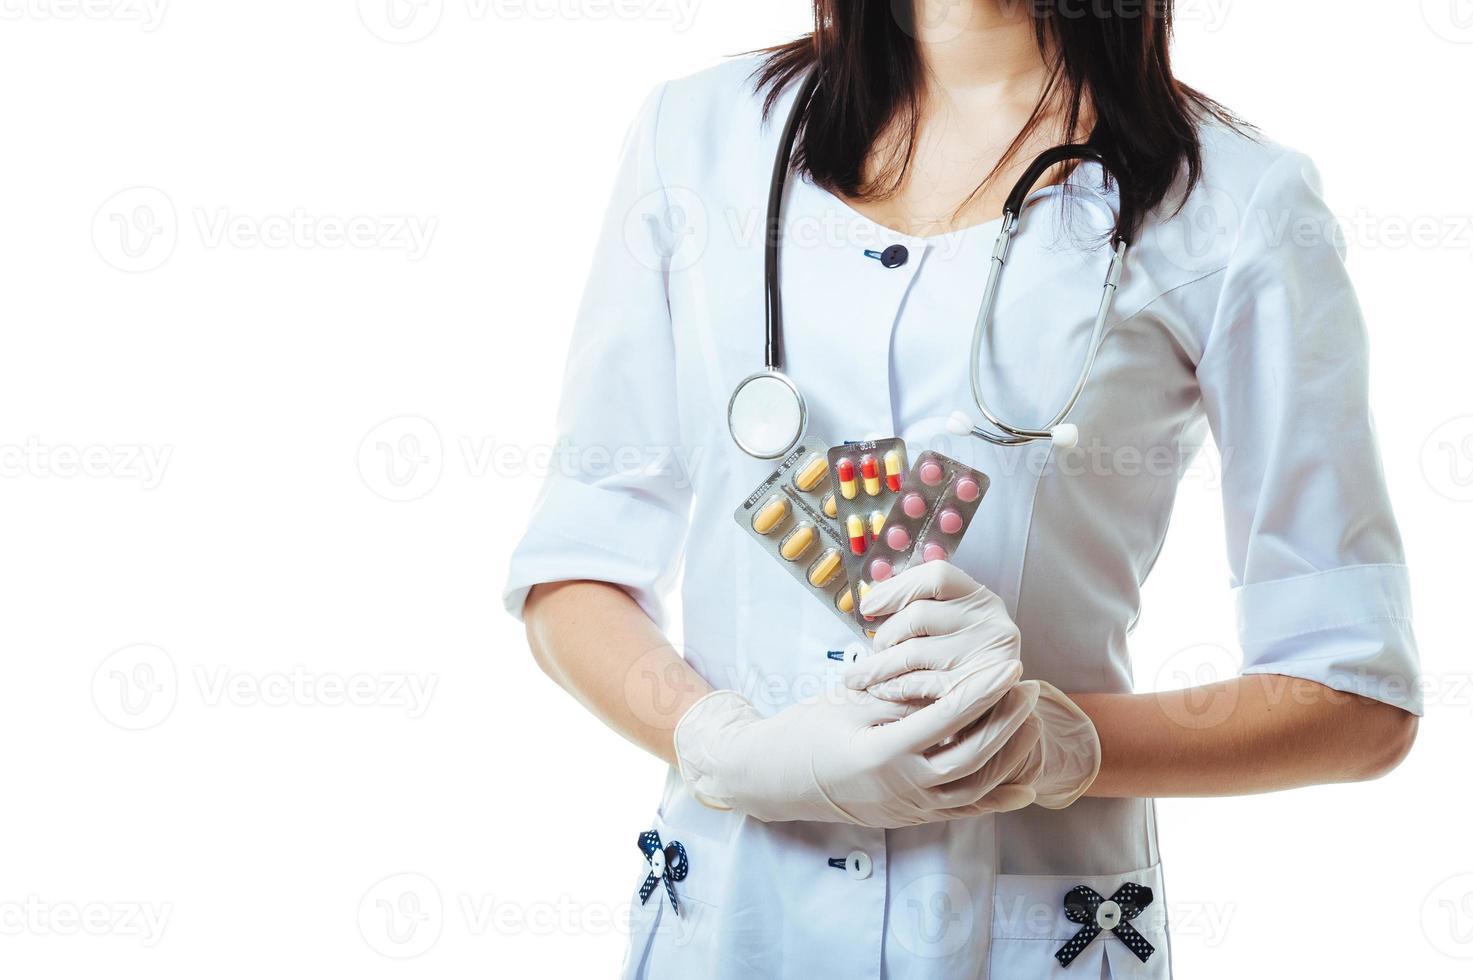 joven y amigable doctora sosteniendo ofreciendo píldoras aisladas en foto